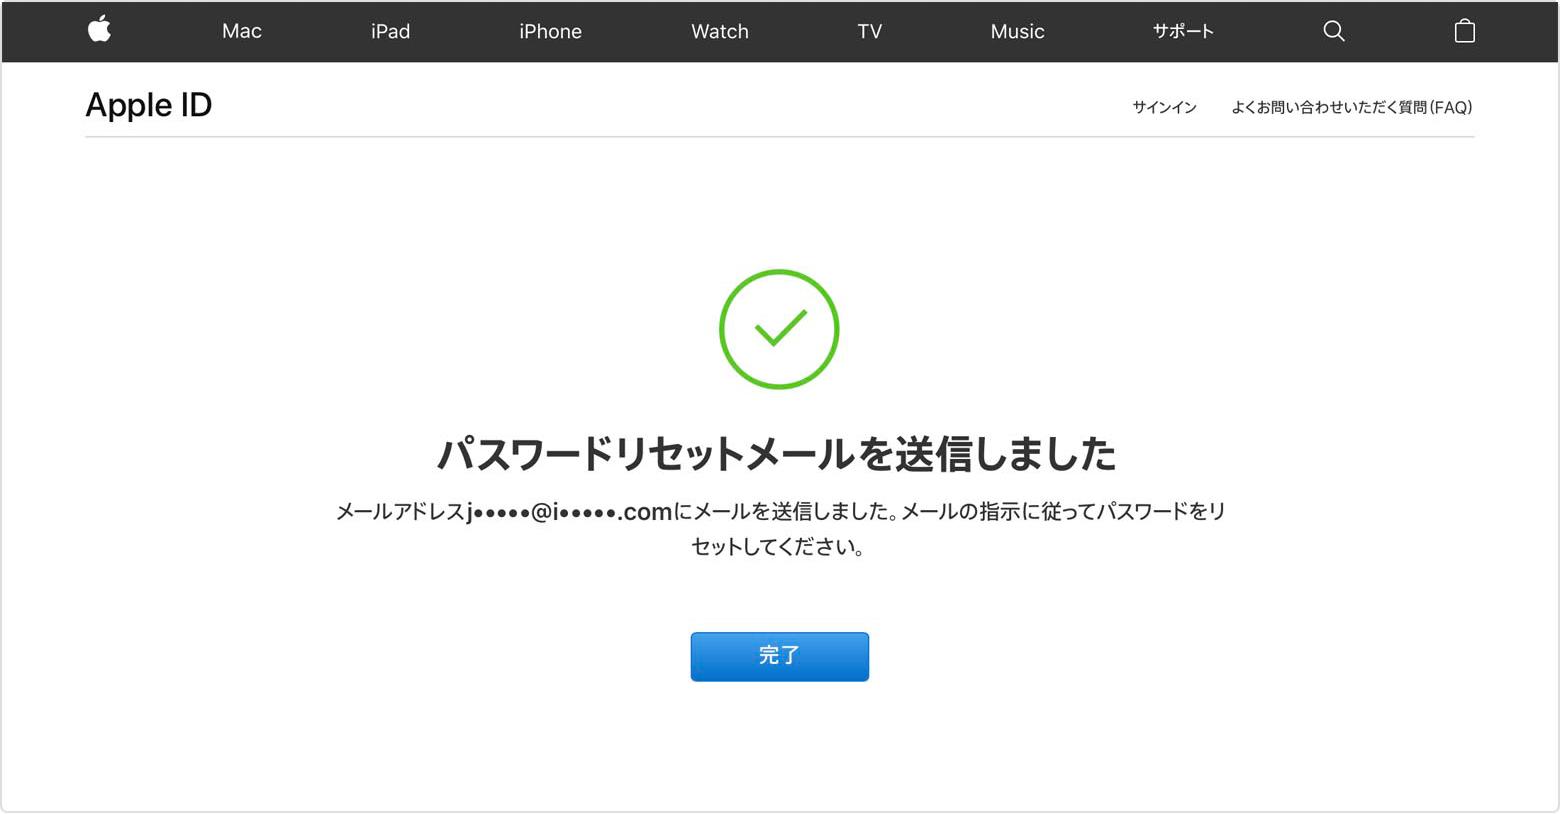 Apple ID の画面に「パスワードリセットメールを送信しました」と表示されているところ